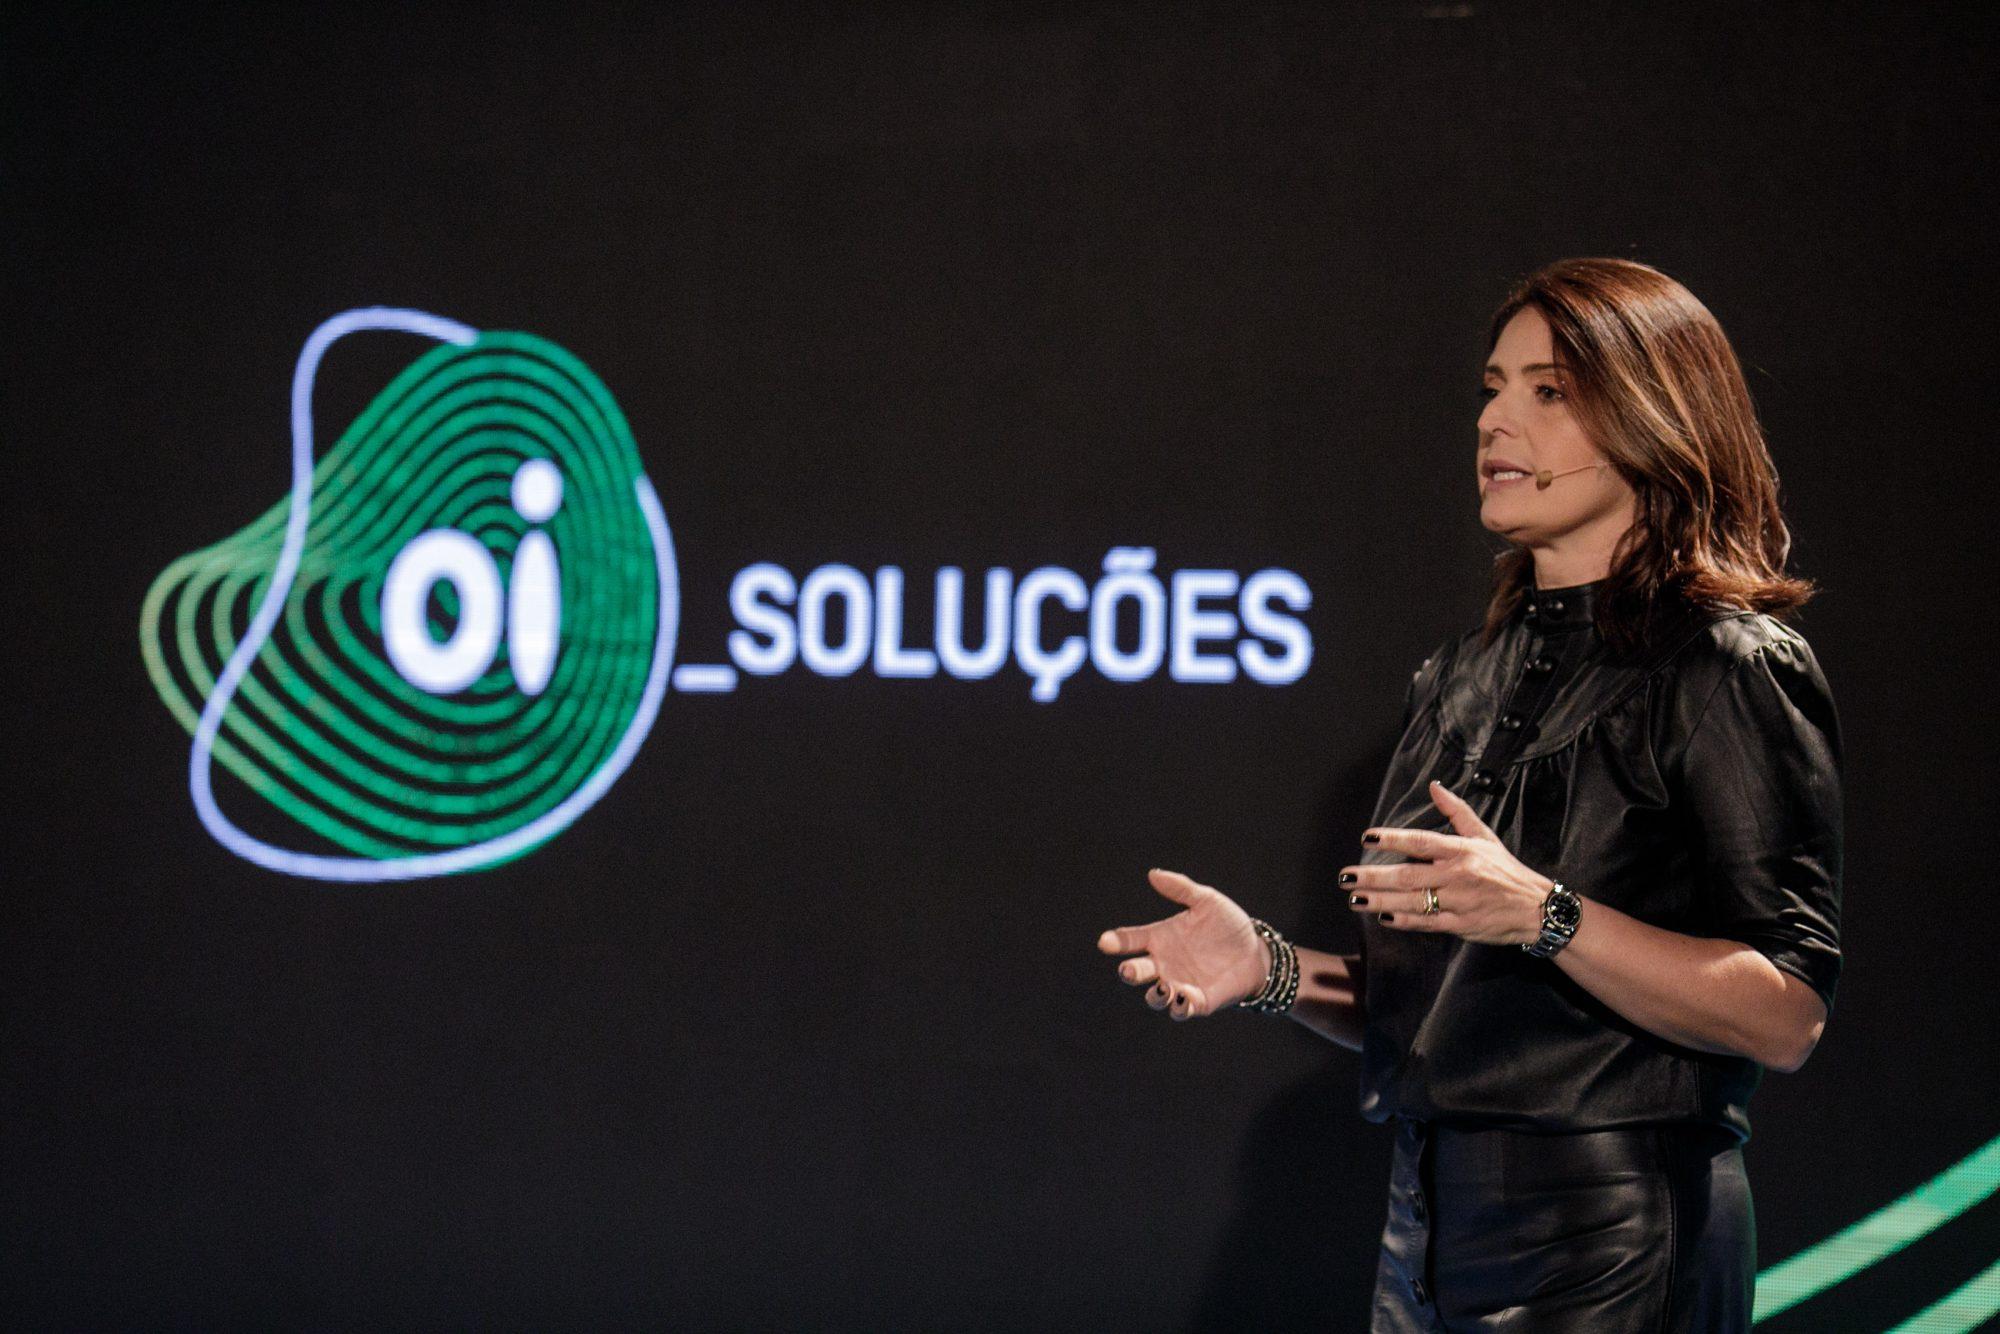 Oi Soluções lança índice que avalia maturidade digital das empresas